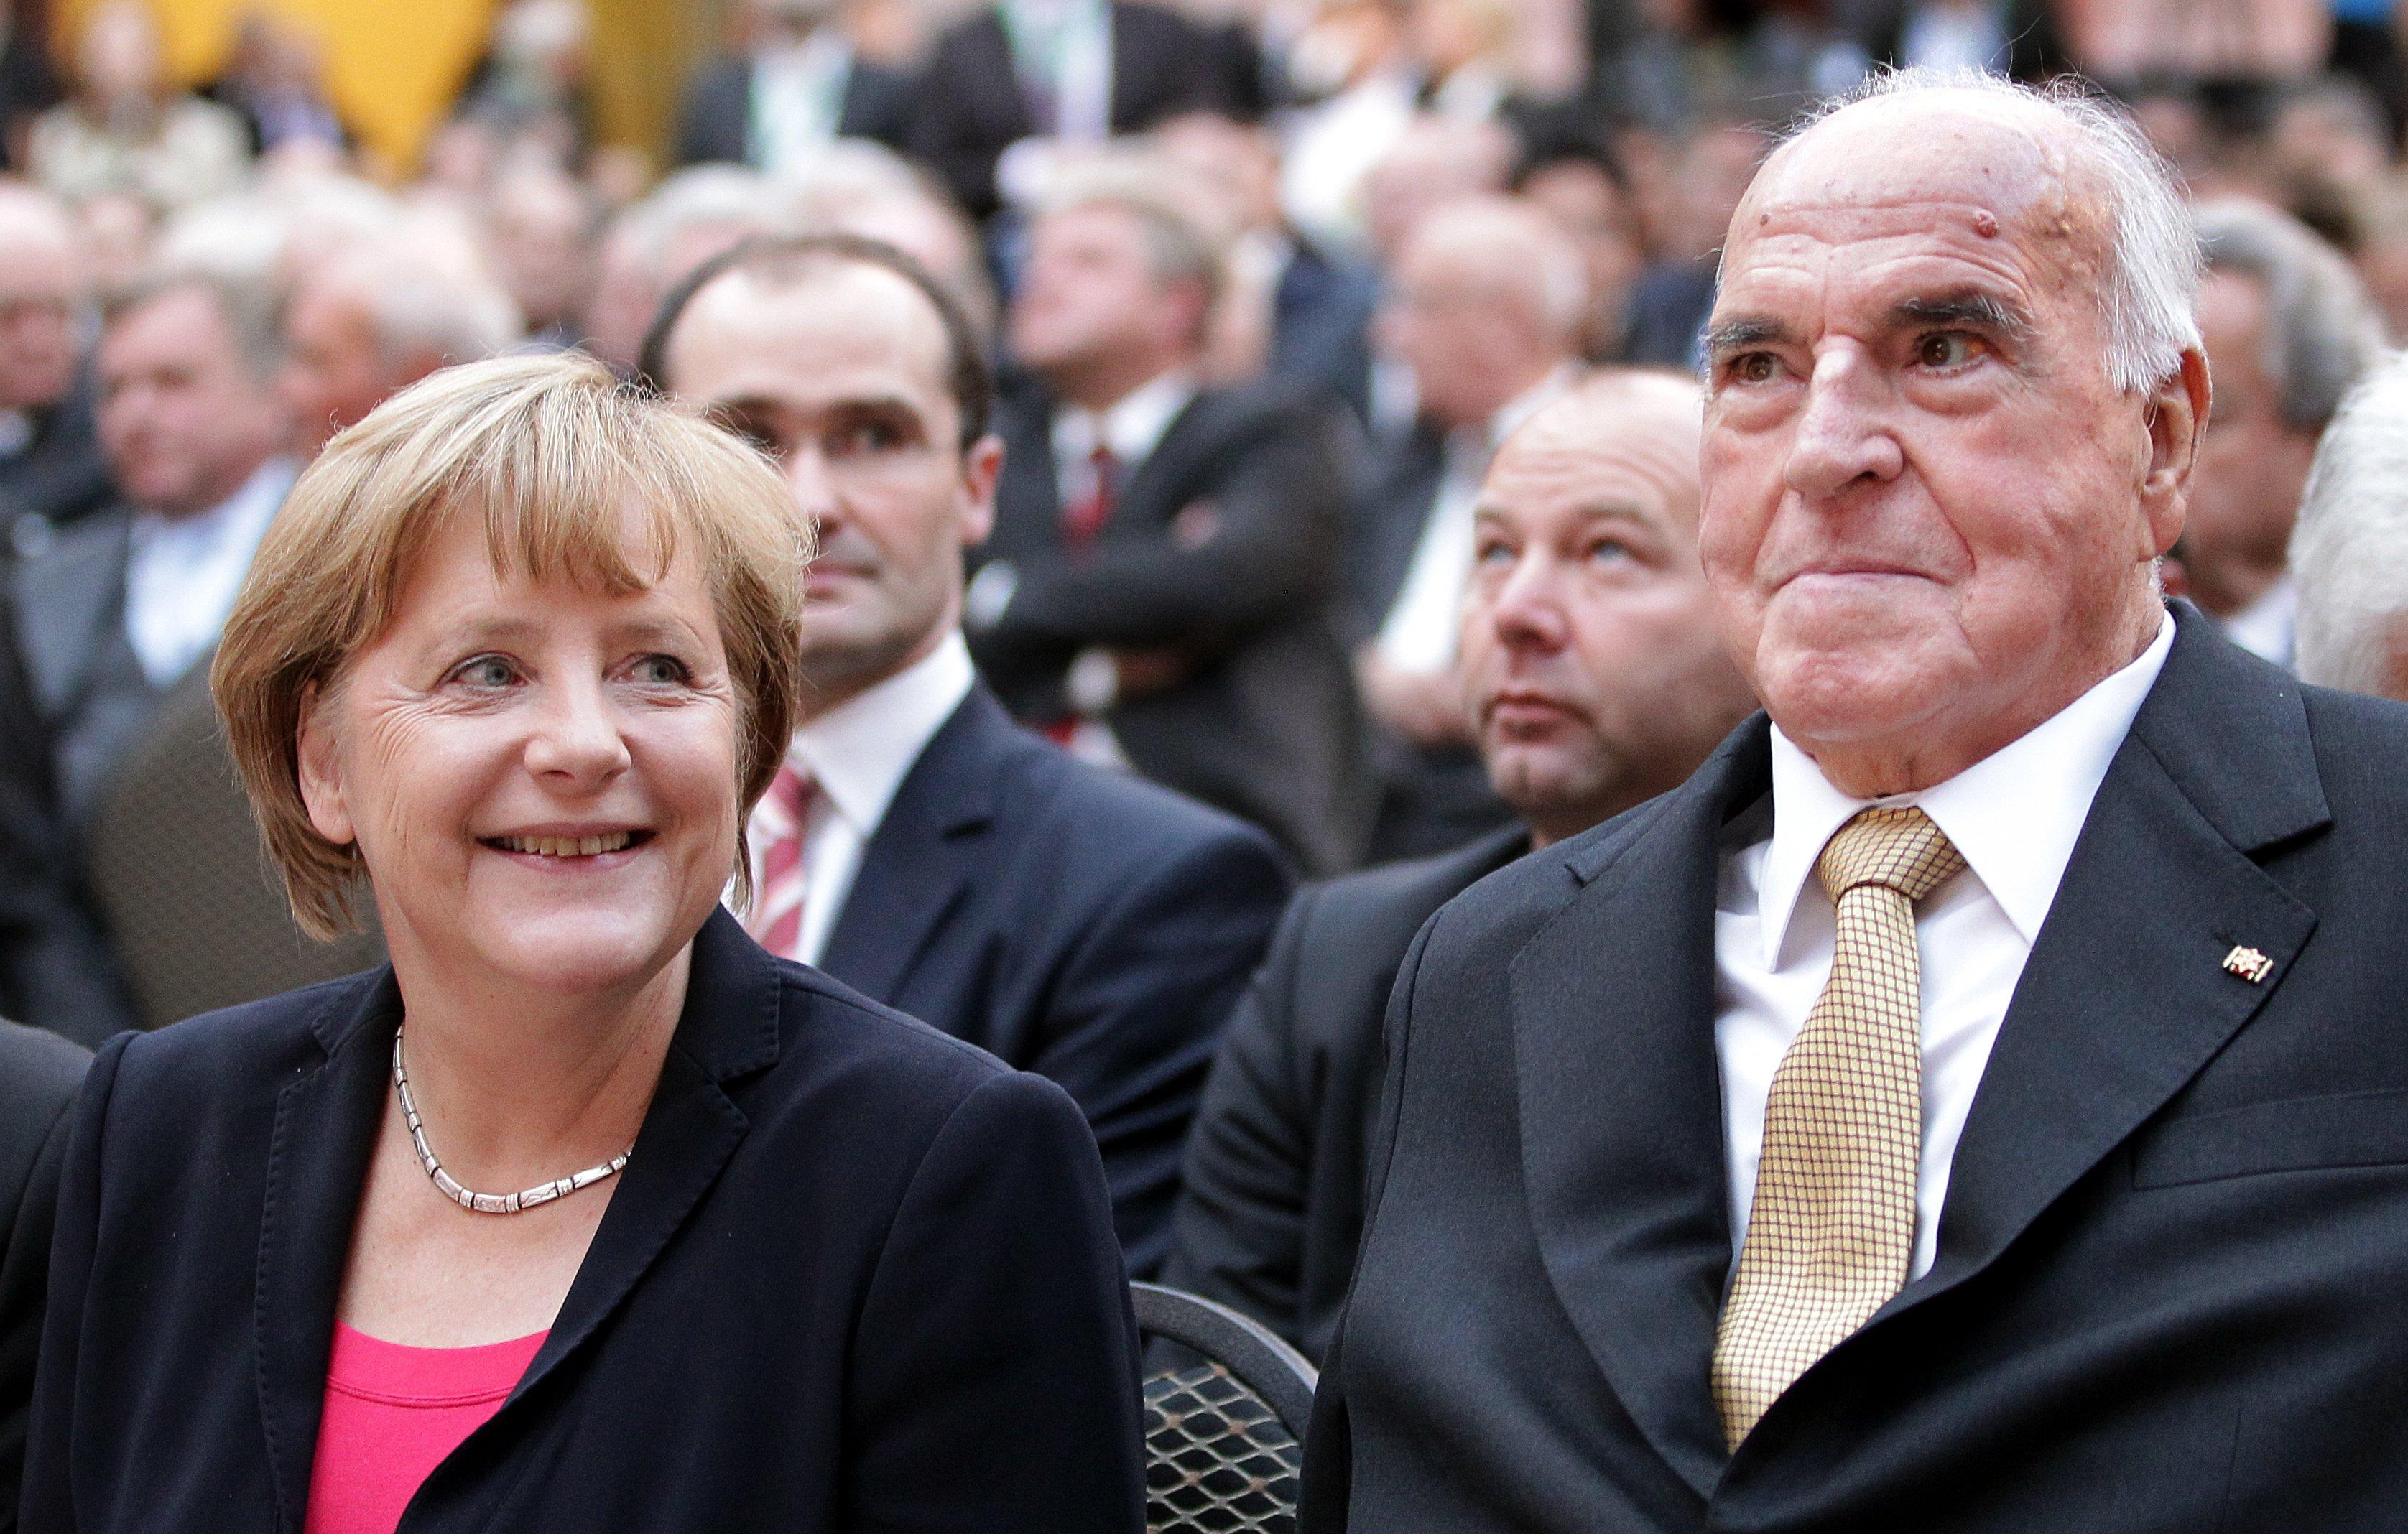 """Kohl stál v rokoch 1973-1998 na čele Kresťanskodemokratickej únie - strany, ktorej v súčasnosti predsedá - podobne ako spolkovej vláde krajiny - Kohlova """"žiačka"""" Angela Merkelová. (Foto: archív)"""